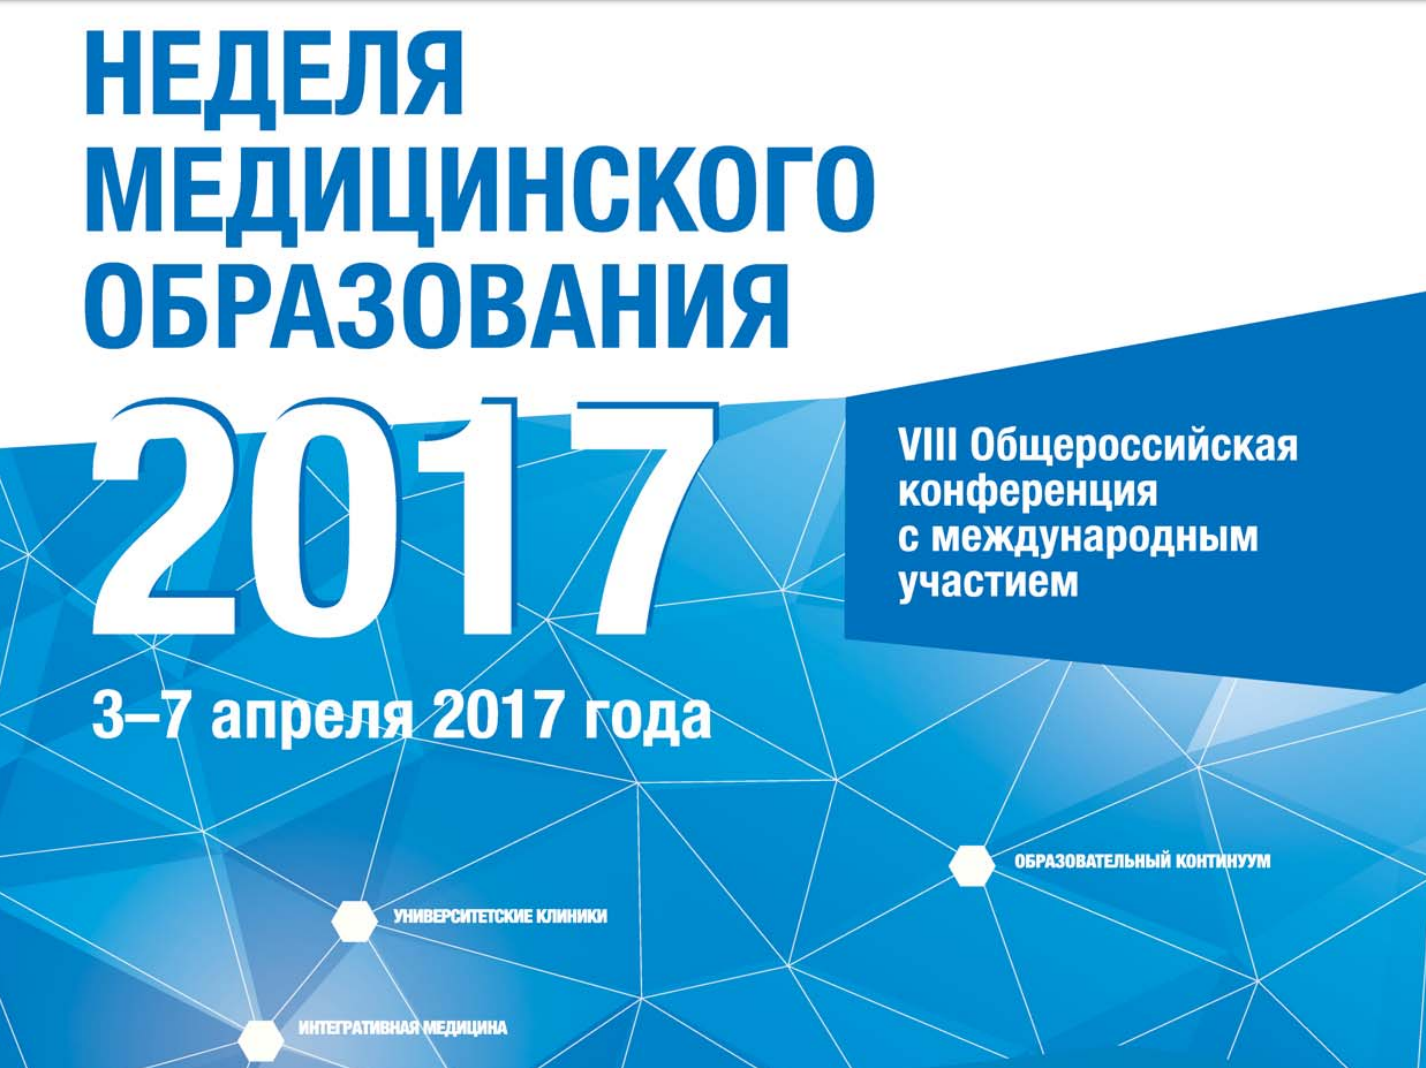 ваши медицинские конференции 2017 год термобелья россии Термобелье